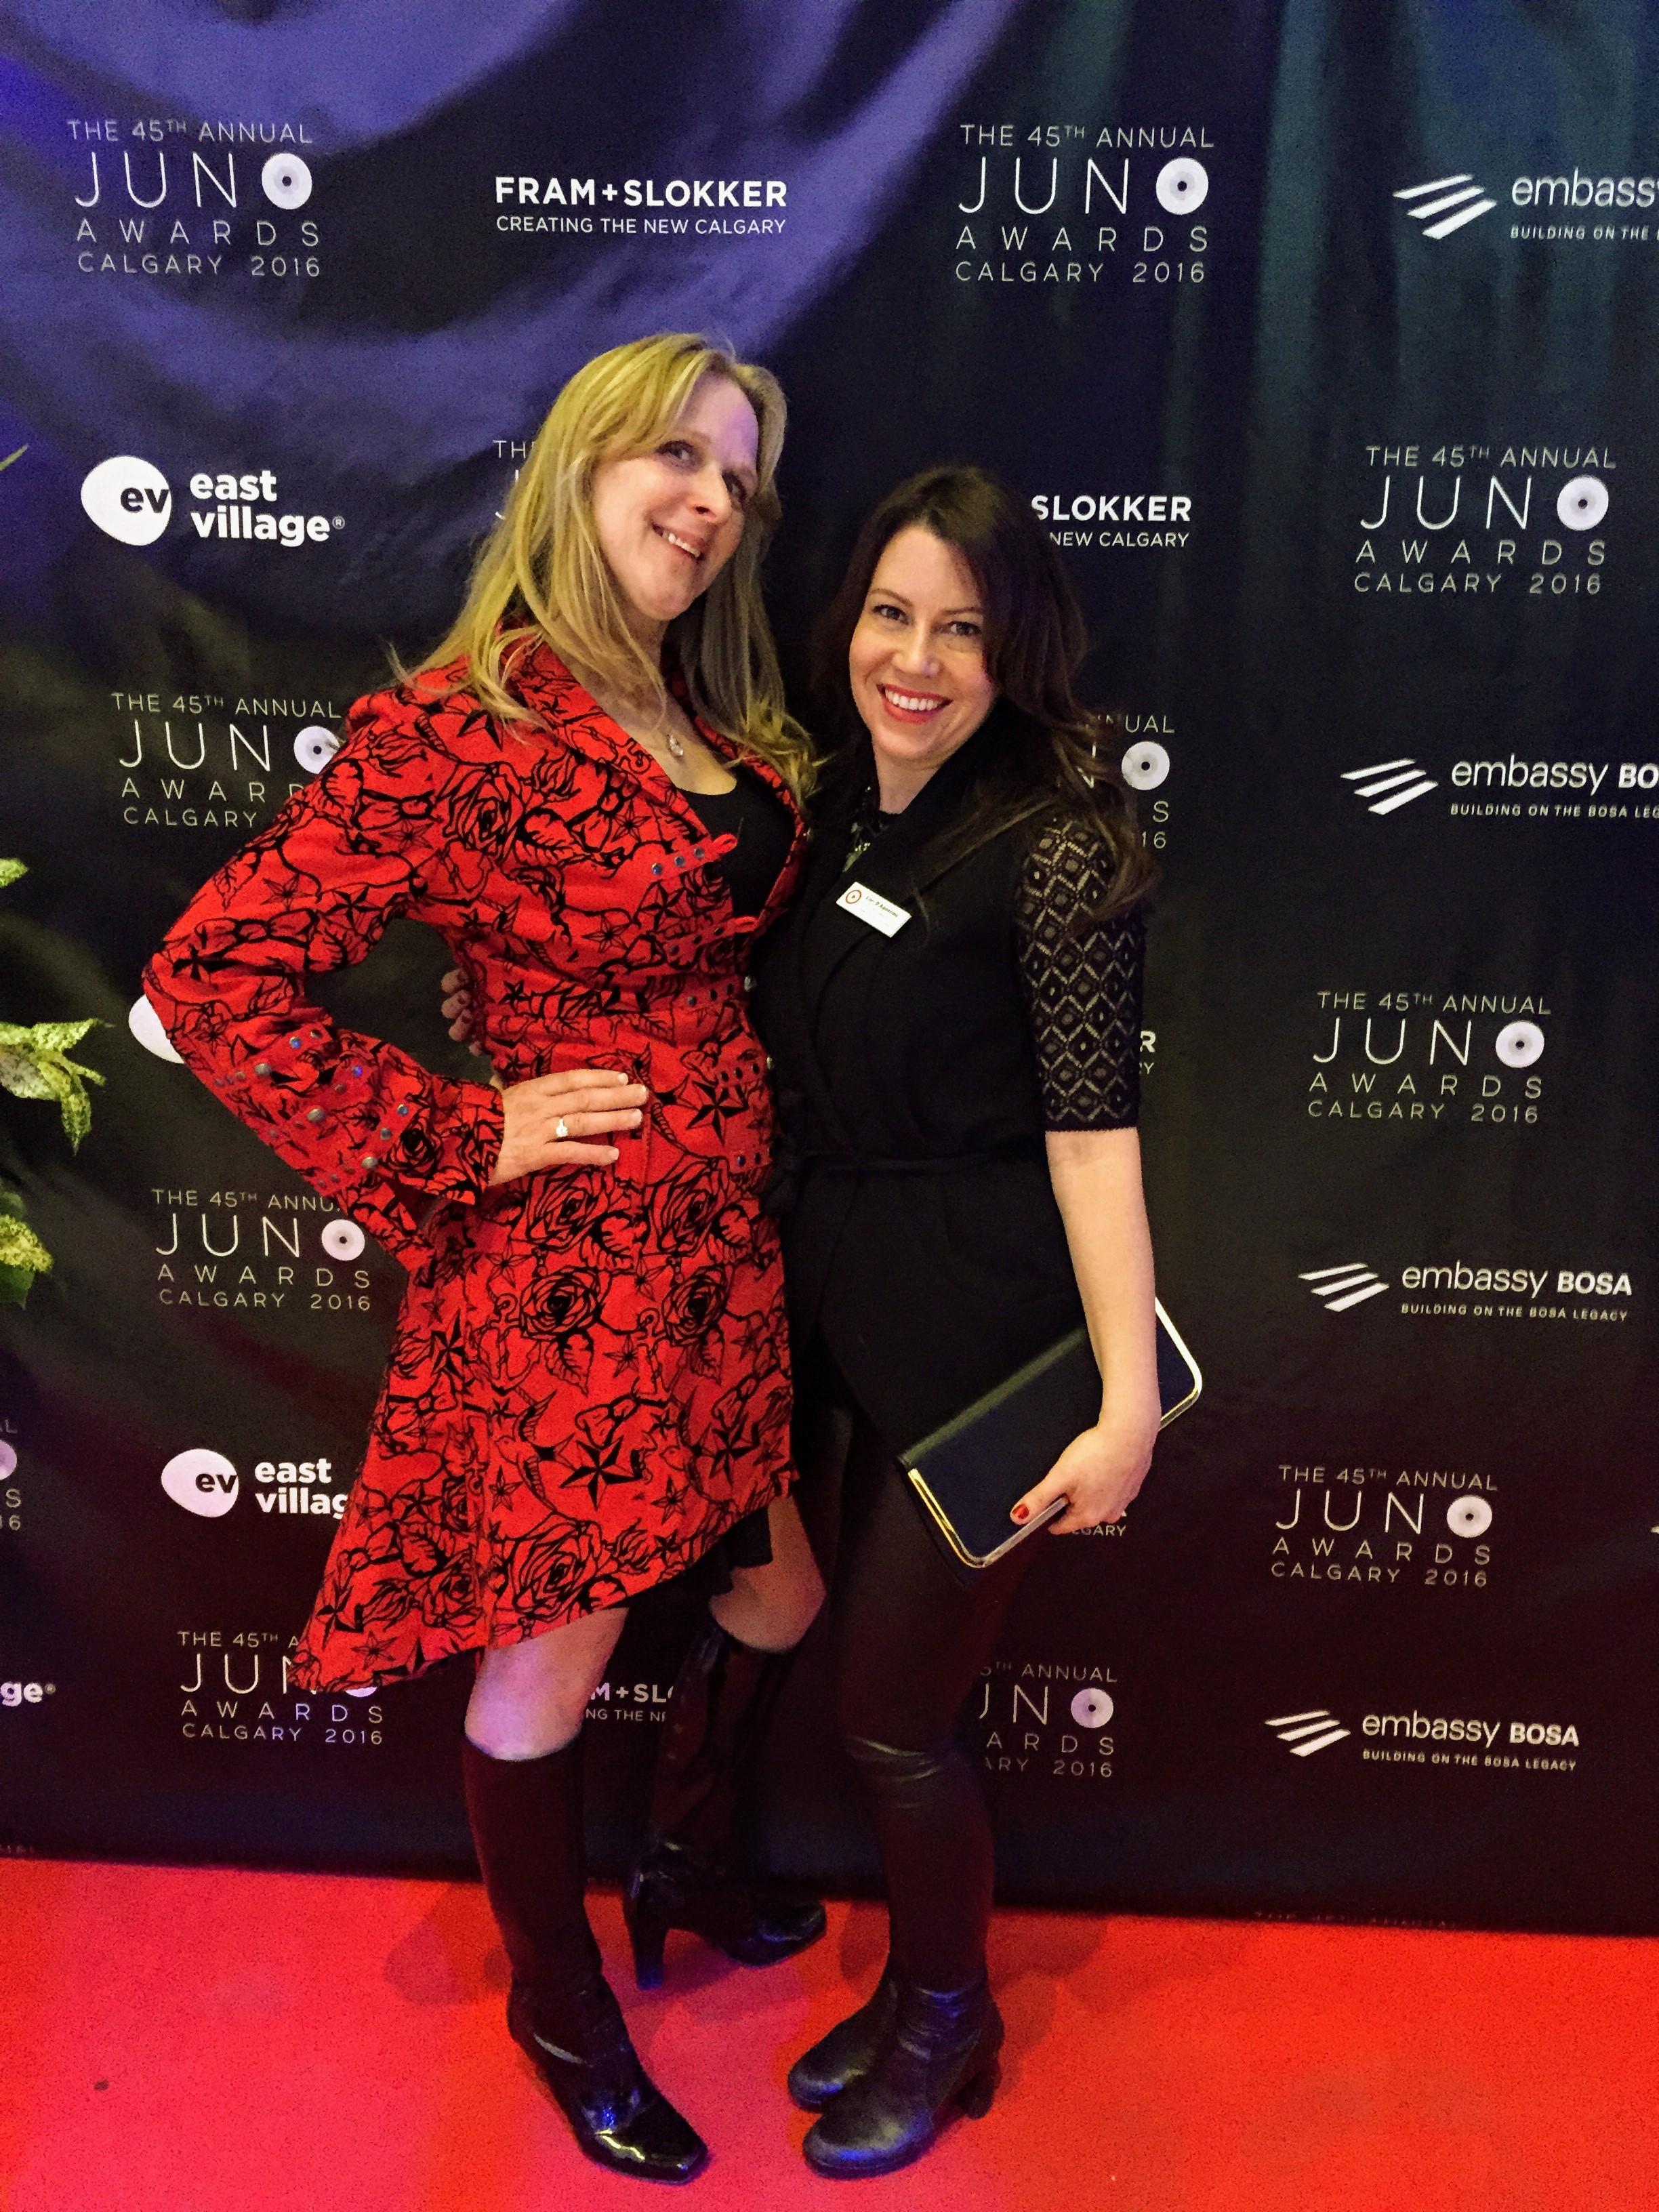 Lea Romanowski official florist for the 2016 JUNO's